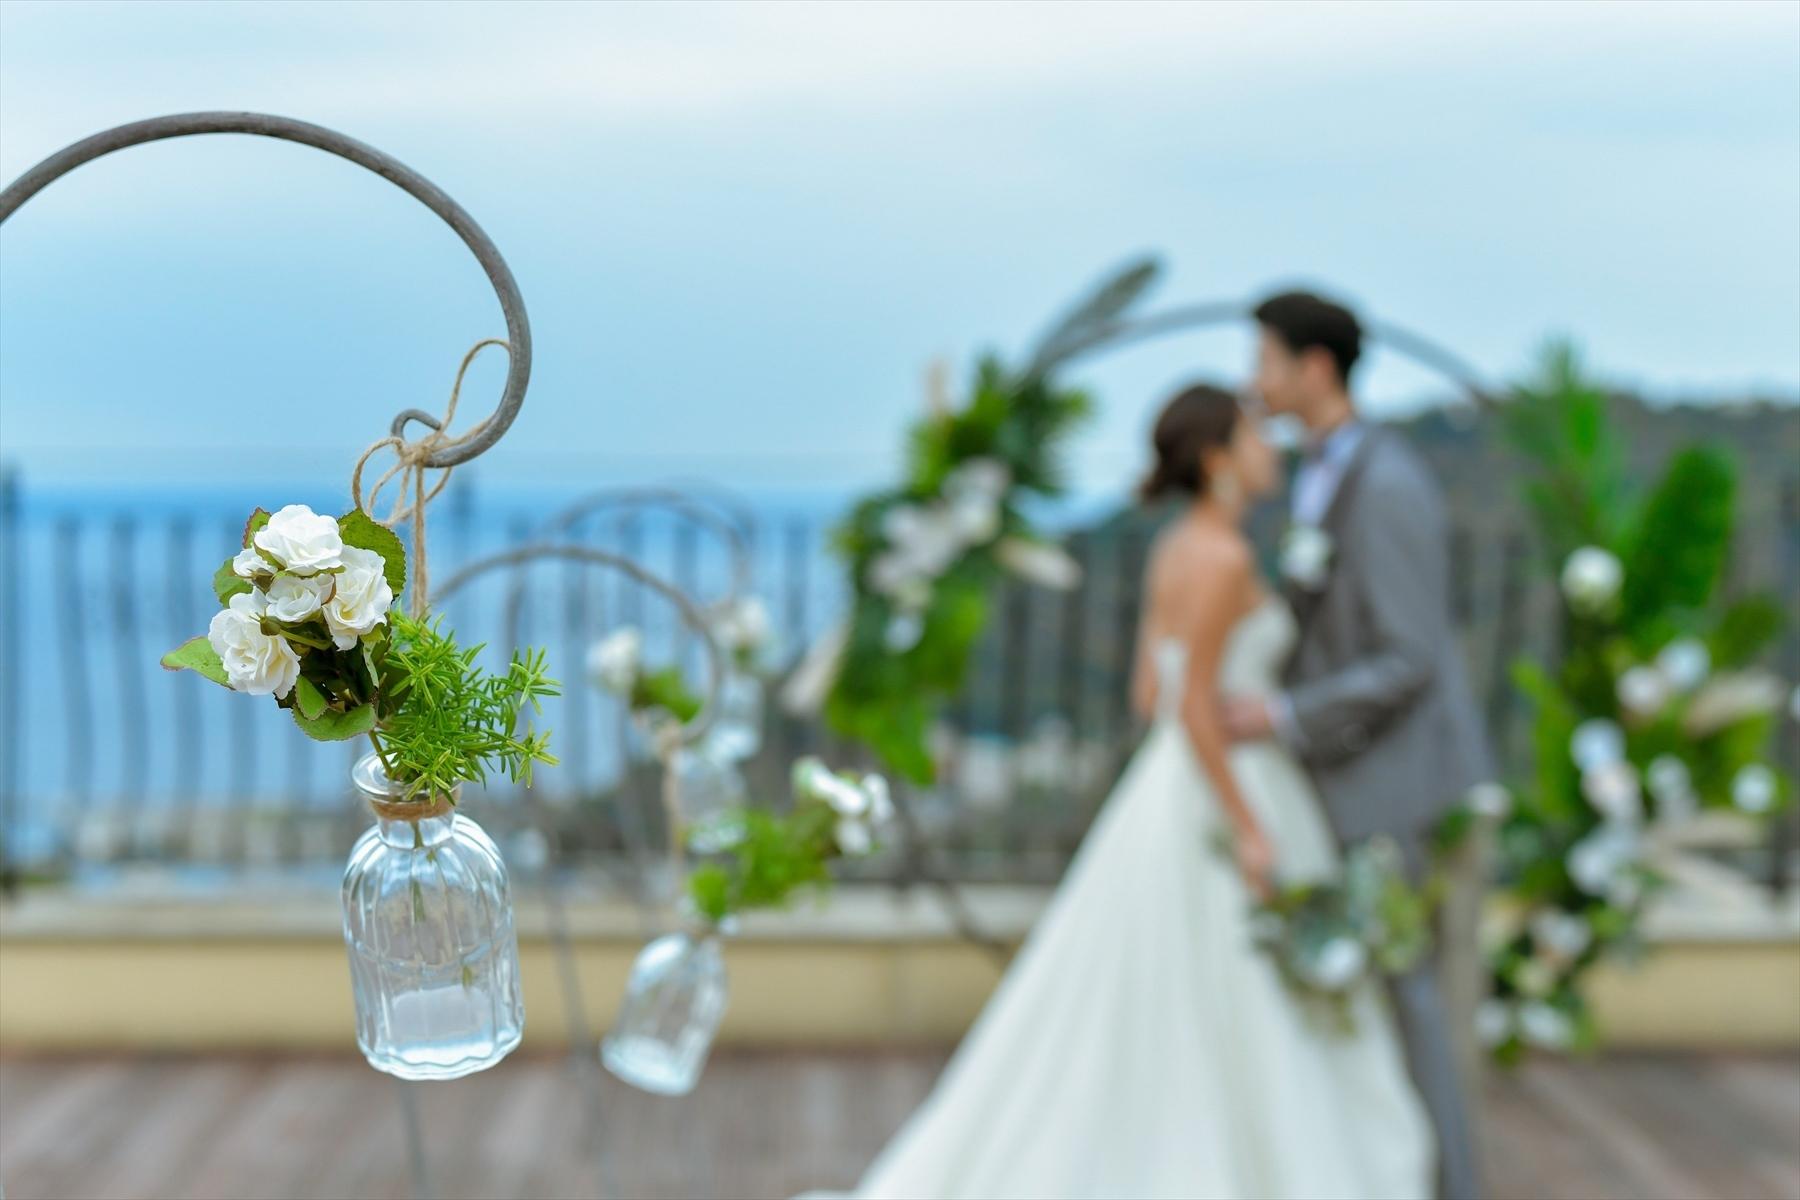 静岡熱海挙式 結婚式会場装飾 スモールラグジュアリー結婚式